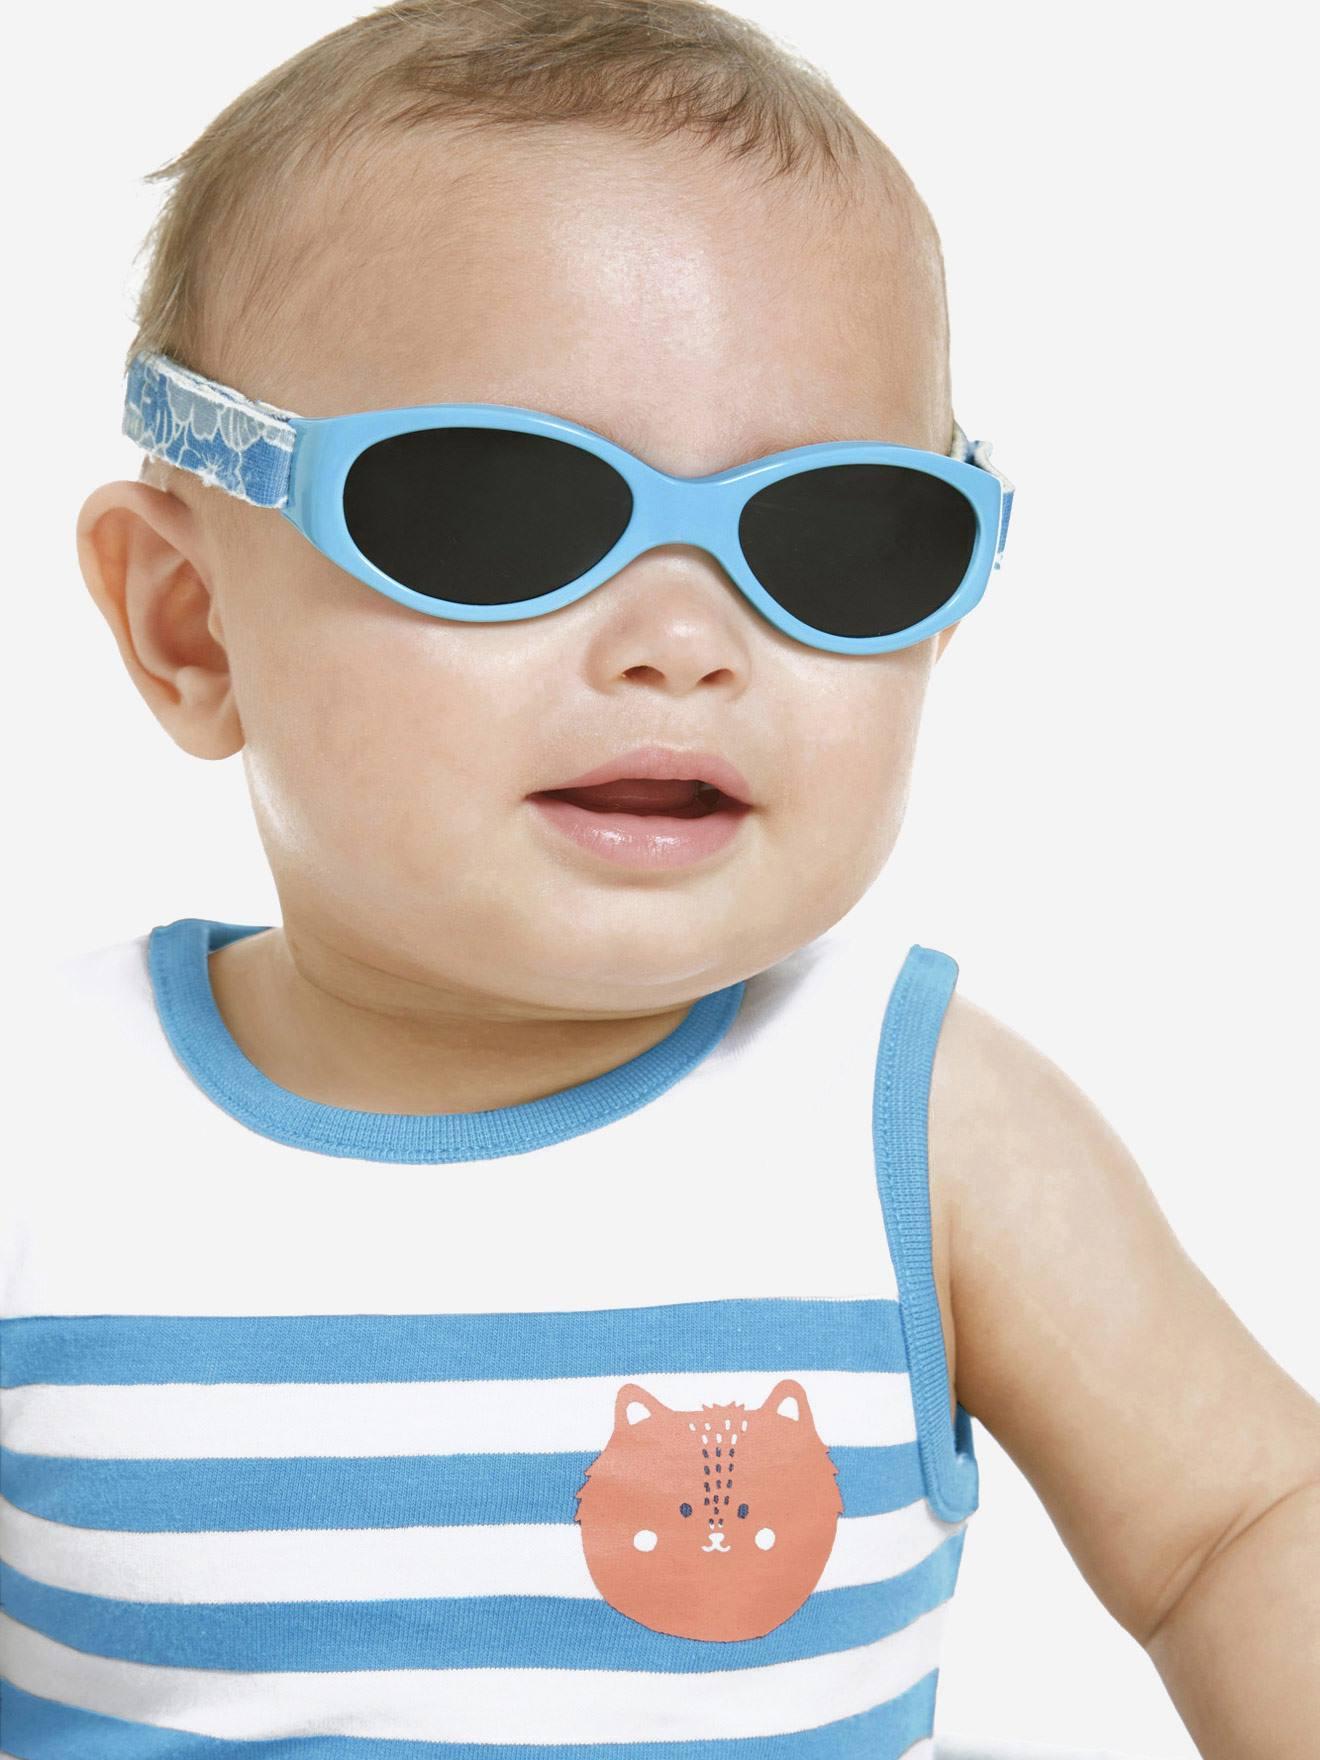 Lunettes de soleil vertbaudet pour bébé jusqu'